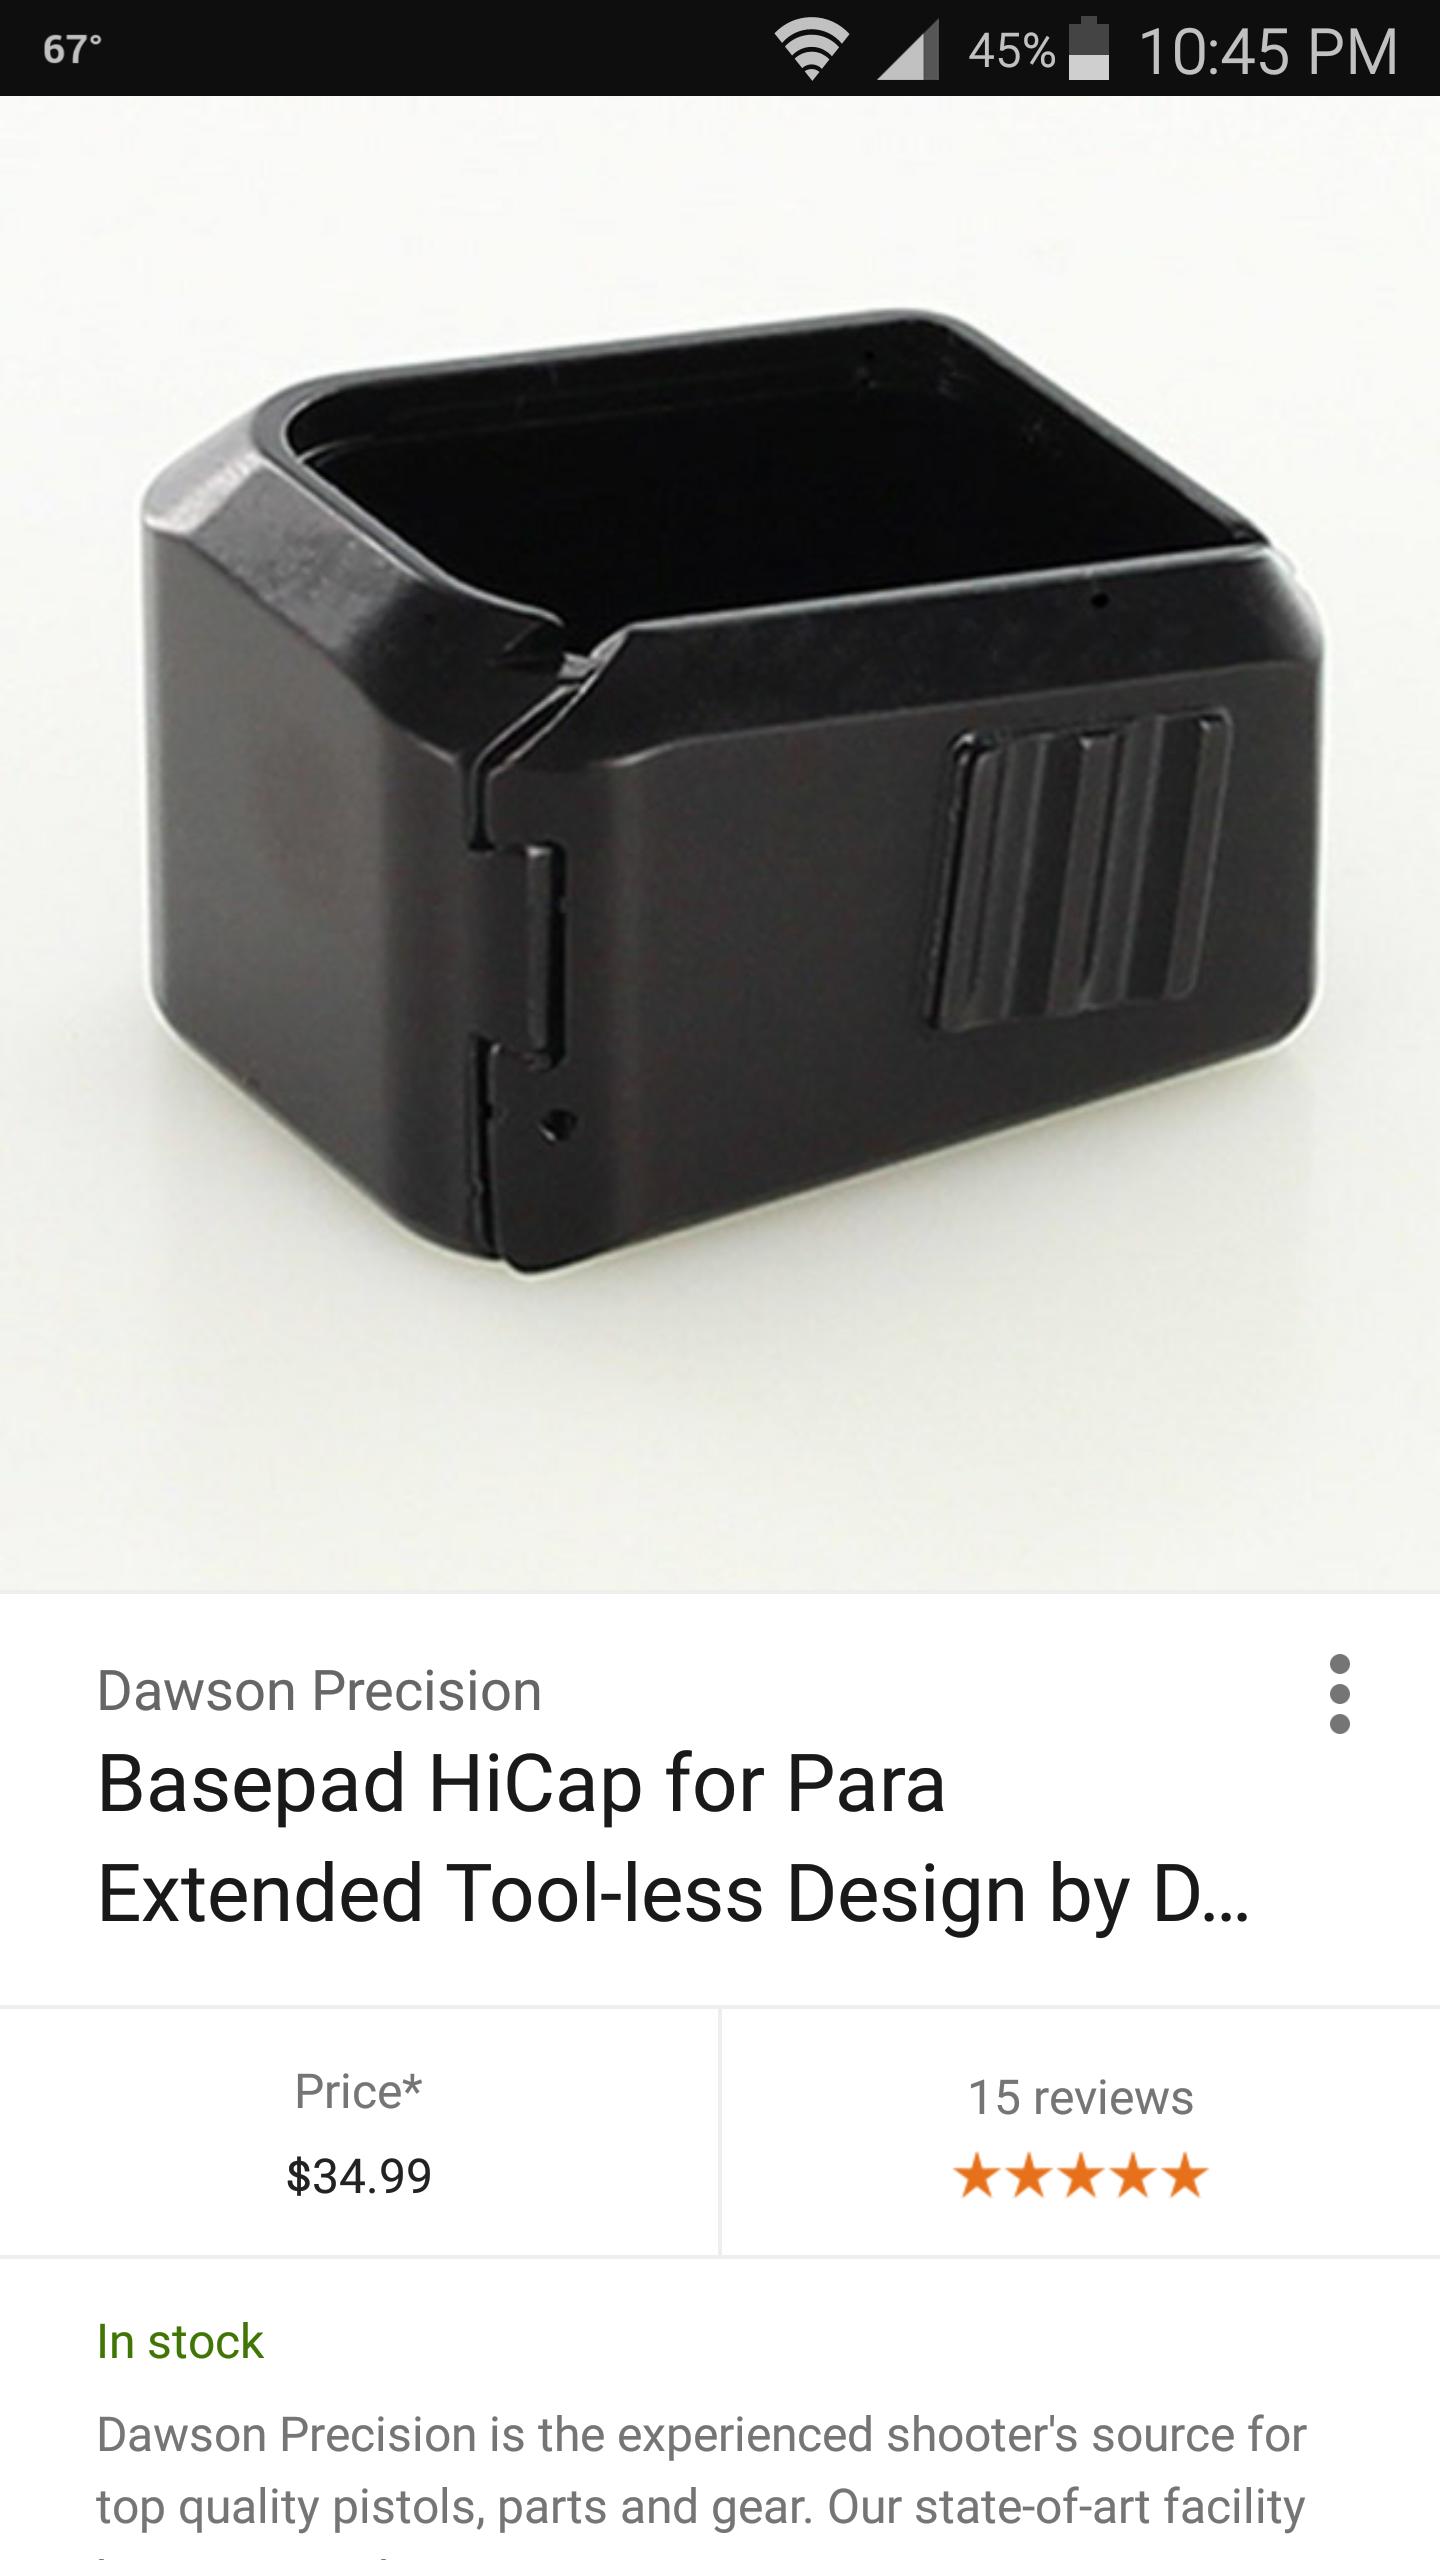 May have found P18 9 Pro Custom mags - Para - Brian Enos's